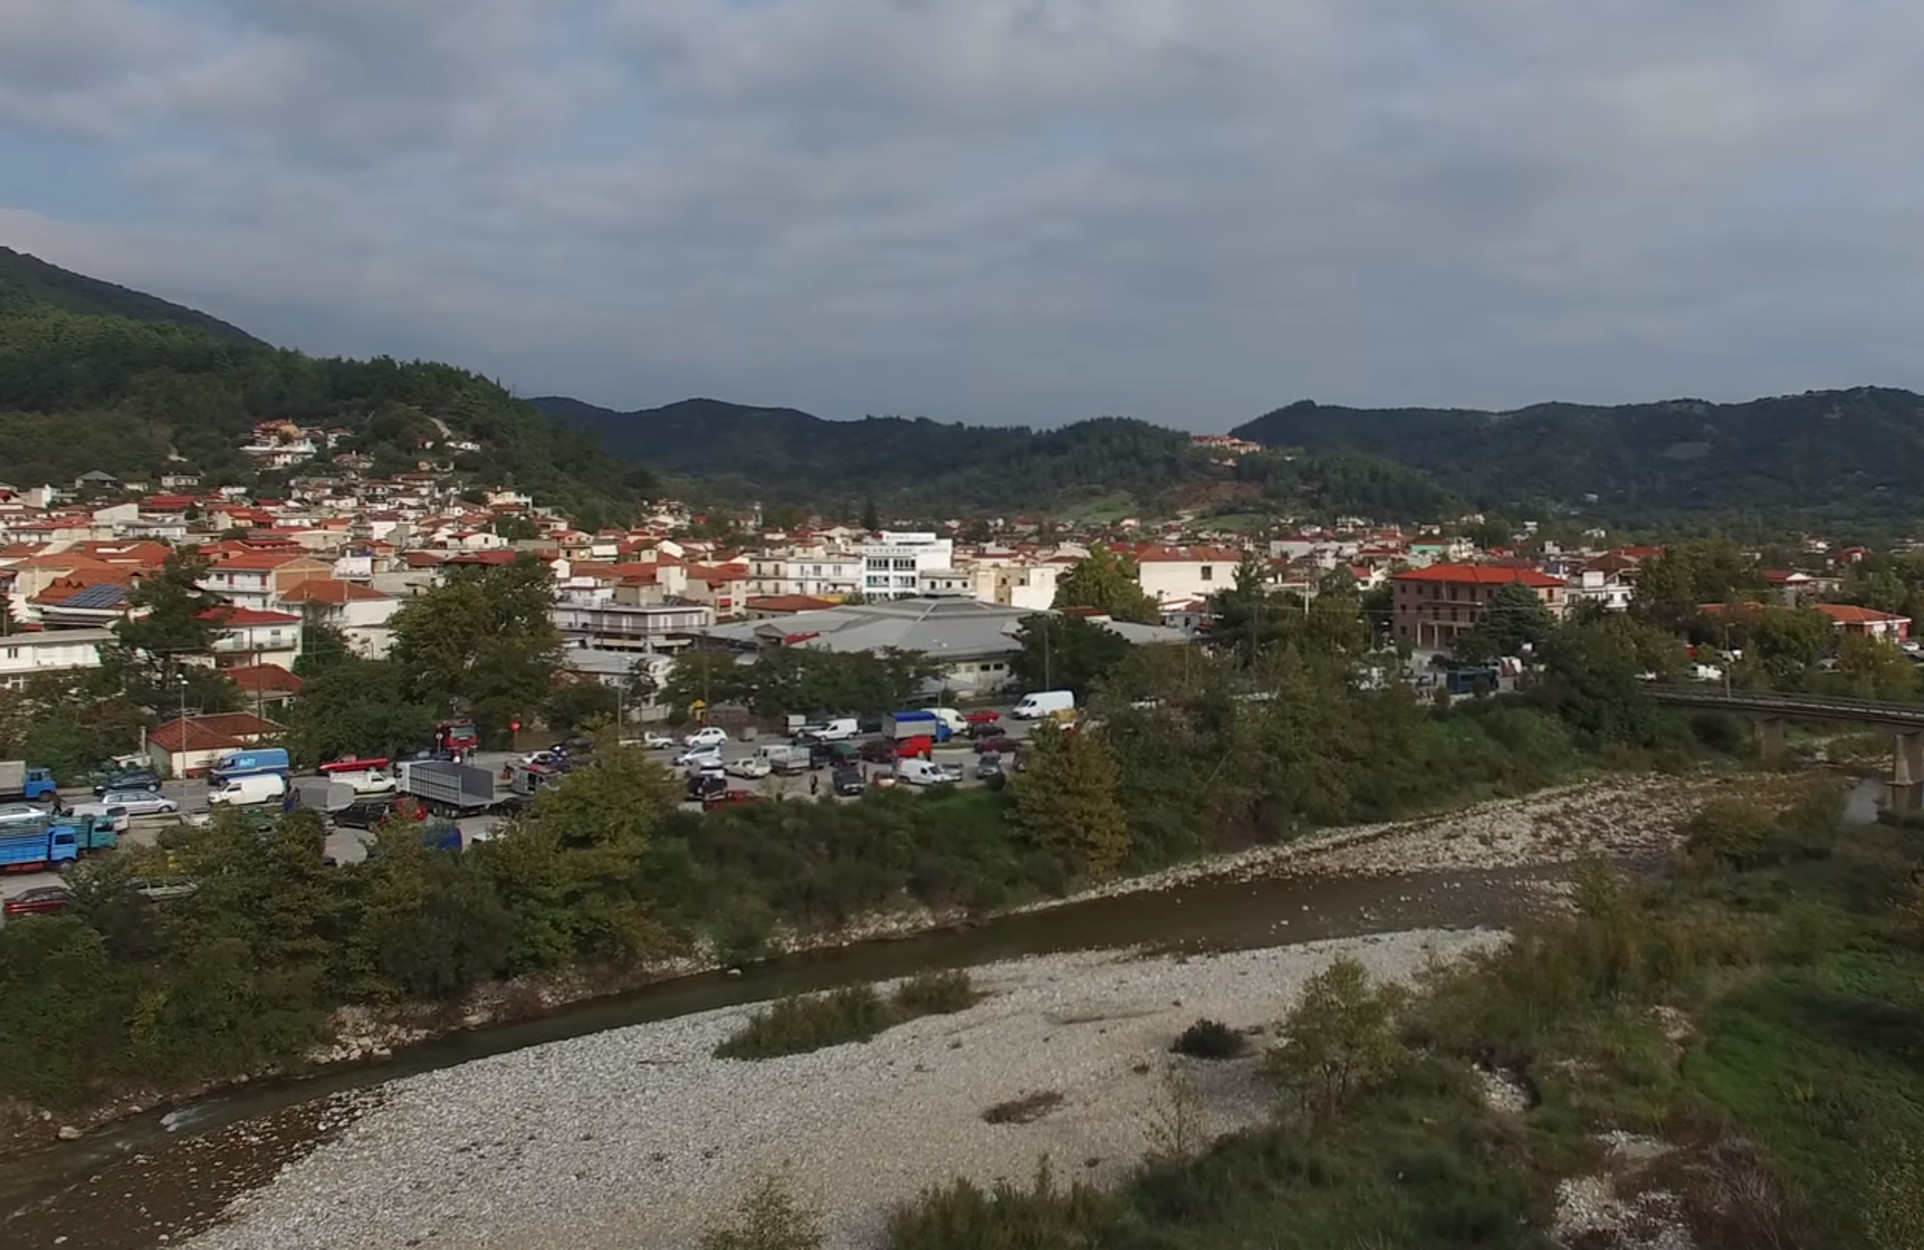 Καρδίτσα: Φόβοι για ζημιές από τον σεισμό! Τι δηλώνει στο newsit.gr o Δήμαρχος του Μουζακίου